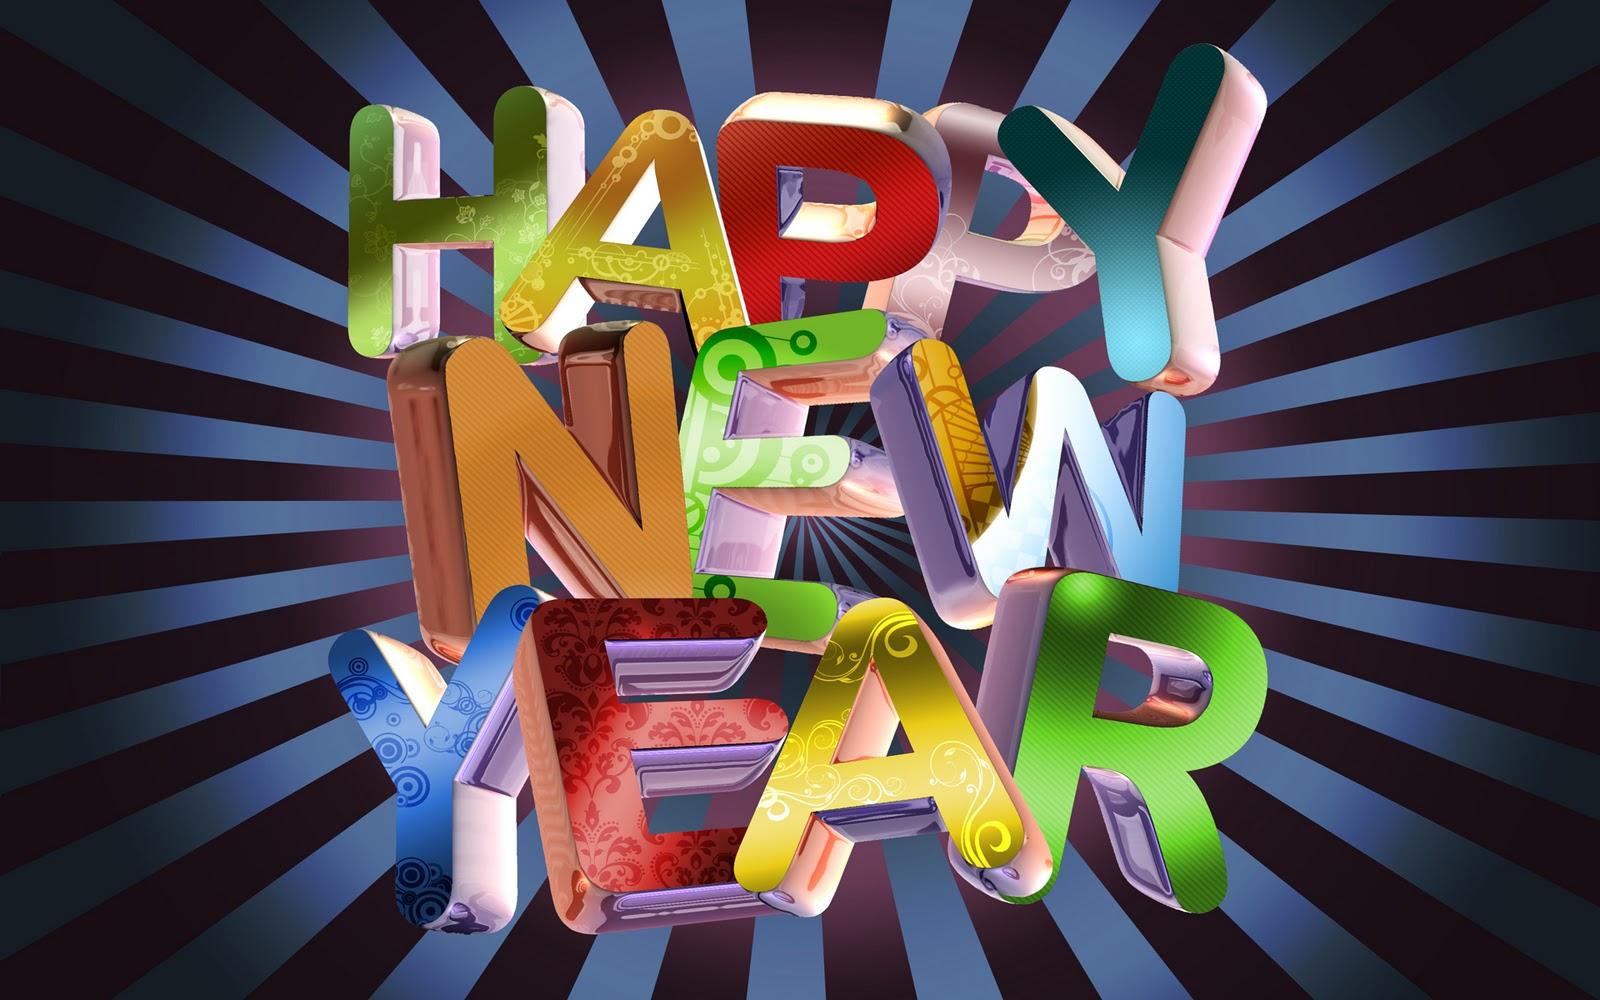 Happy new year achtergronden hd wallpapers - Jaar wallpapers ...